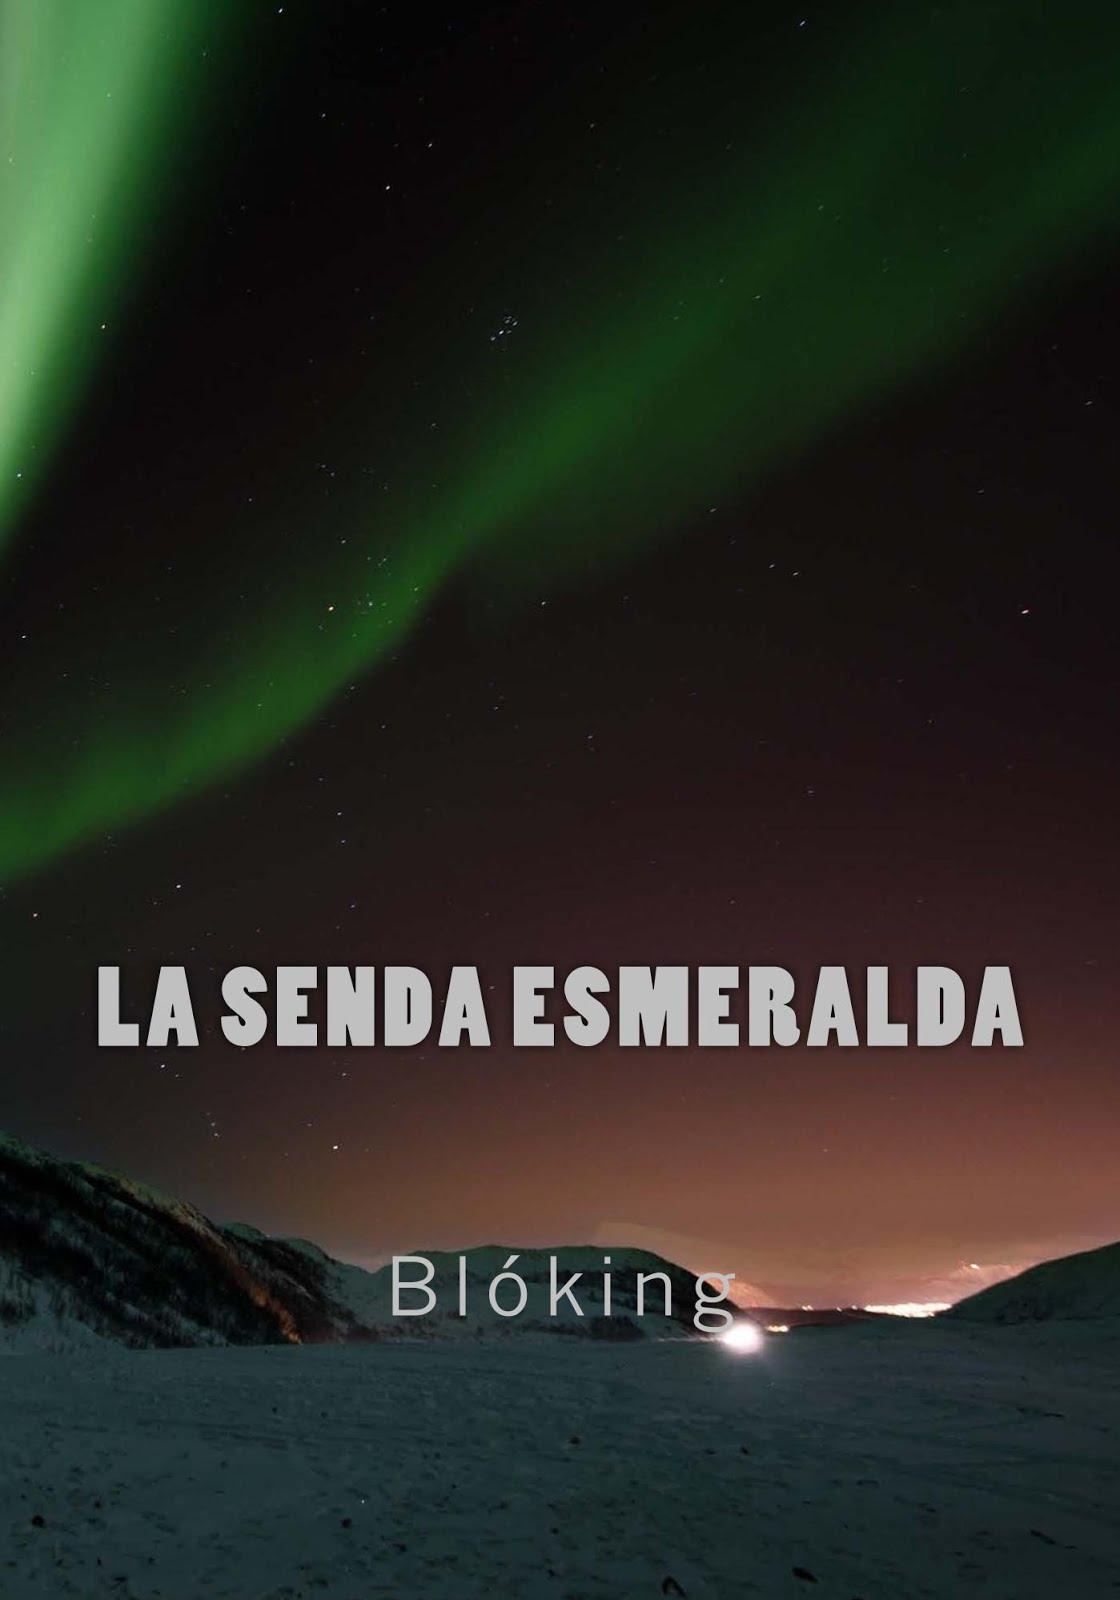 #Obra 47 - La senda esmeralda